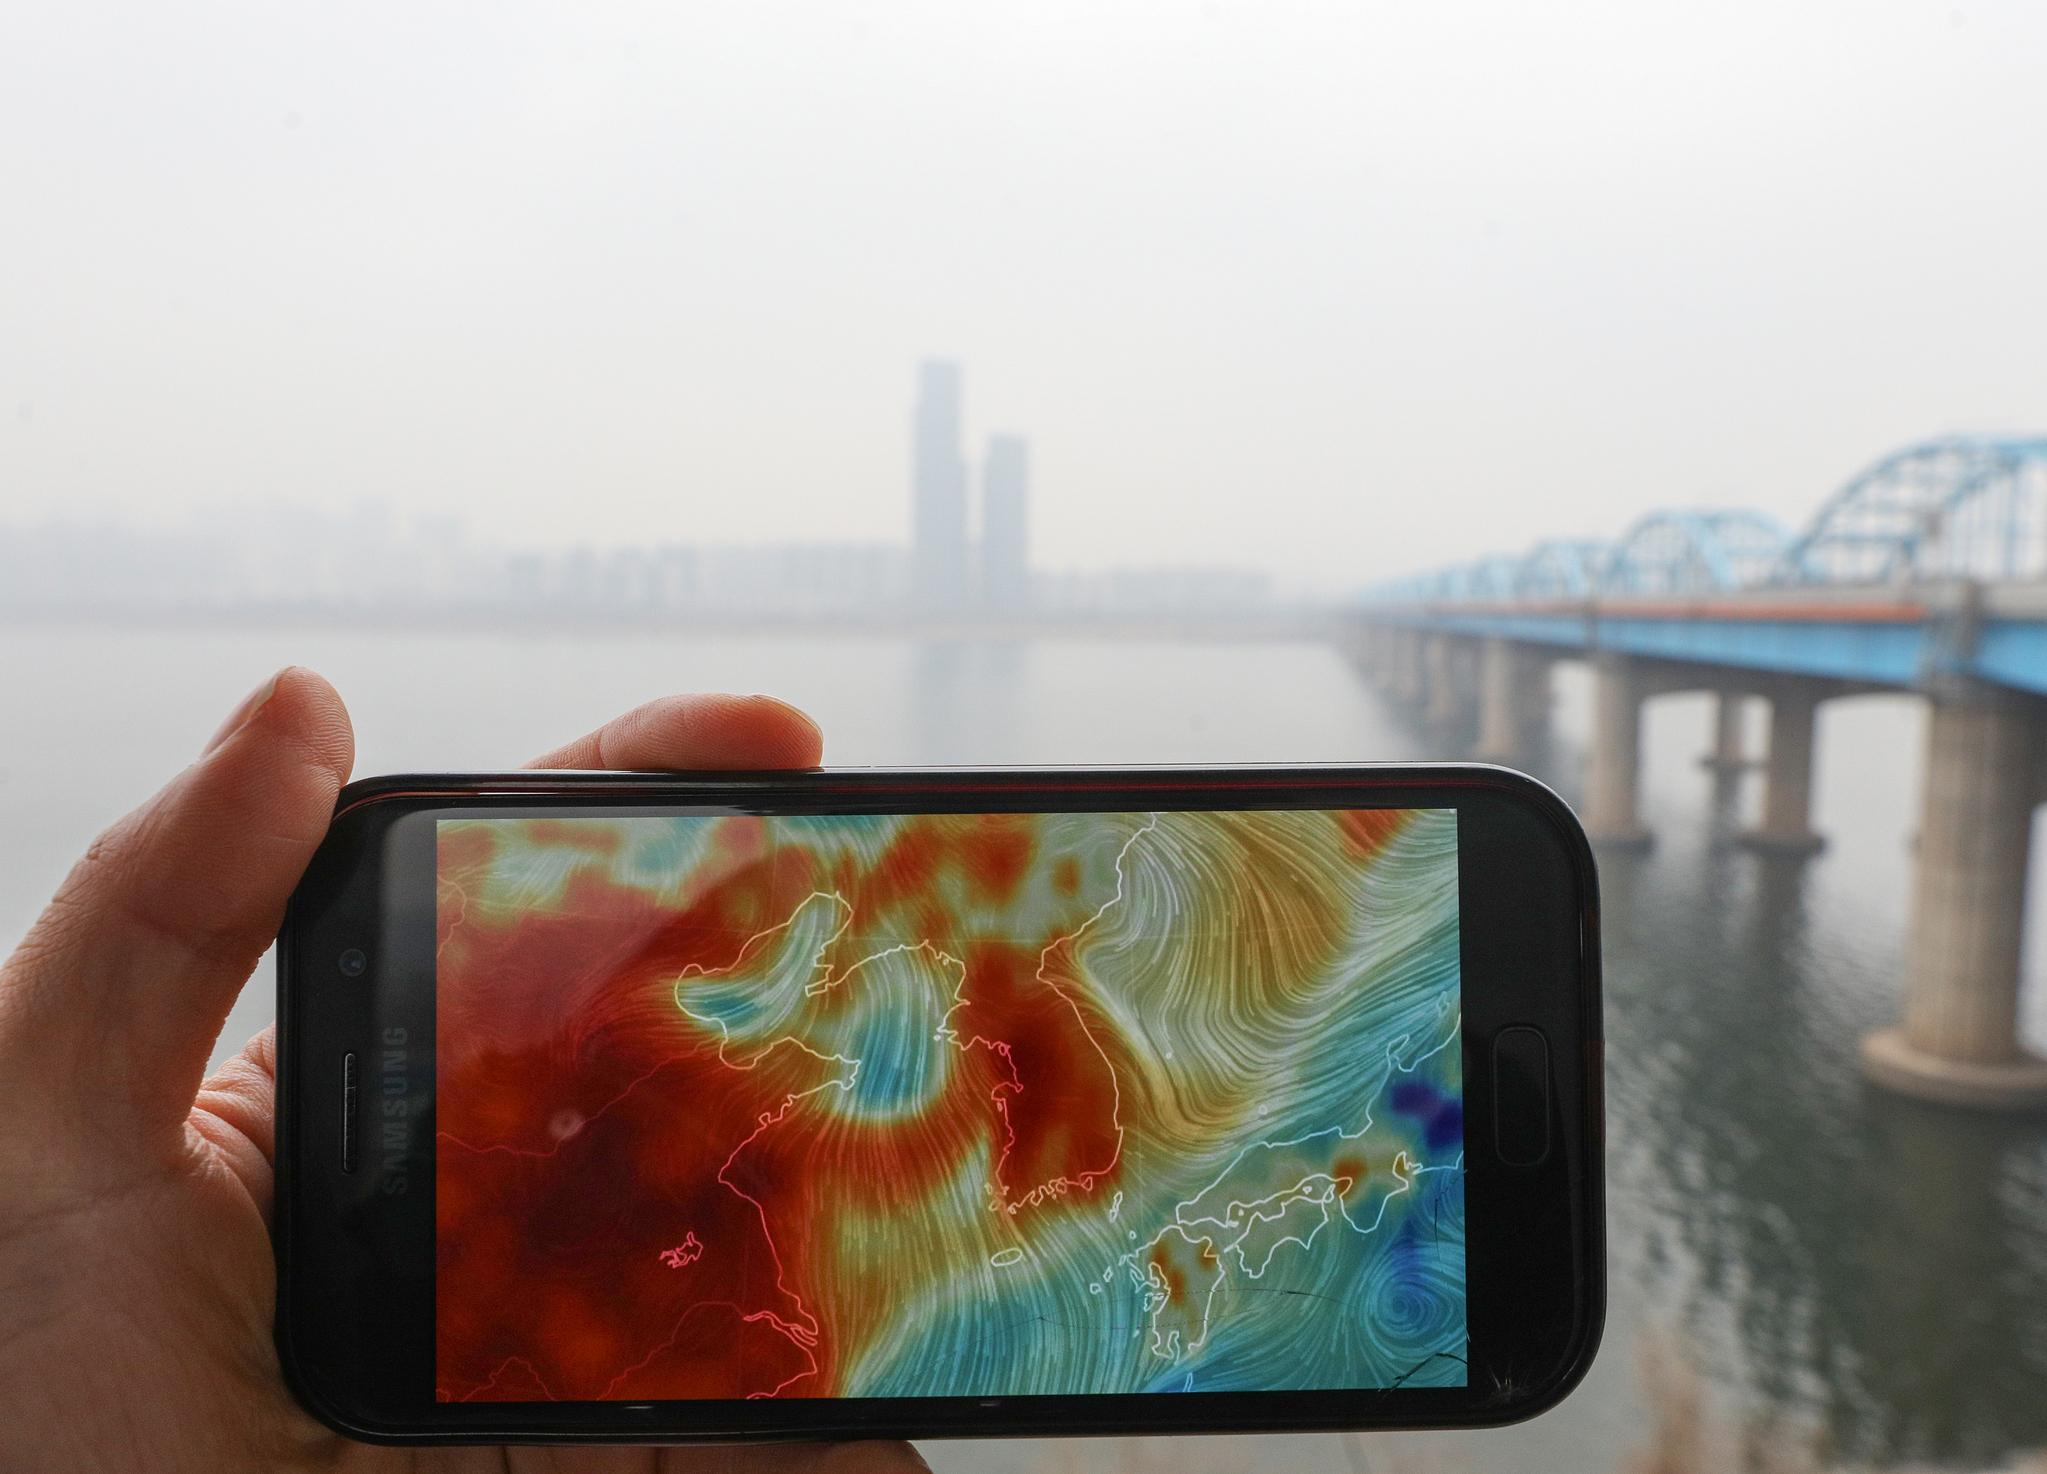 초미세먼지 주의보가 발령된 25일 오전 서울 동작대교에서 바라본 도심이 뿌옇게 보인다. 왼쪽 스마트폰 화면은 미국 국립기상청의 데이터를 기반으로 지표면의 기상 상황을 나타내는 사이트(earth.nullschool.net)에 나타난 붉은 초미세먼지(PM2.5) 표시가 한반도를 뒤덮고 있는 모습. [뉴스1]